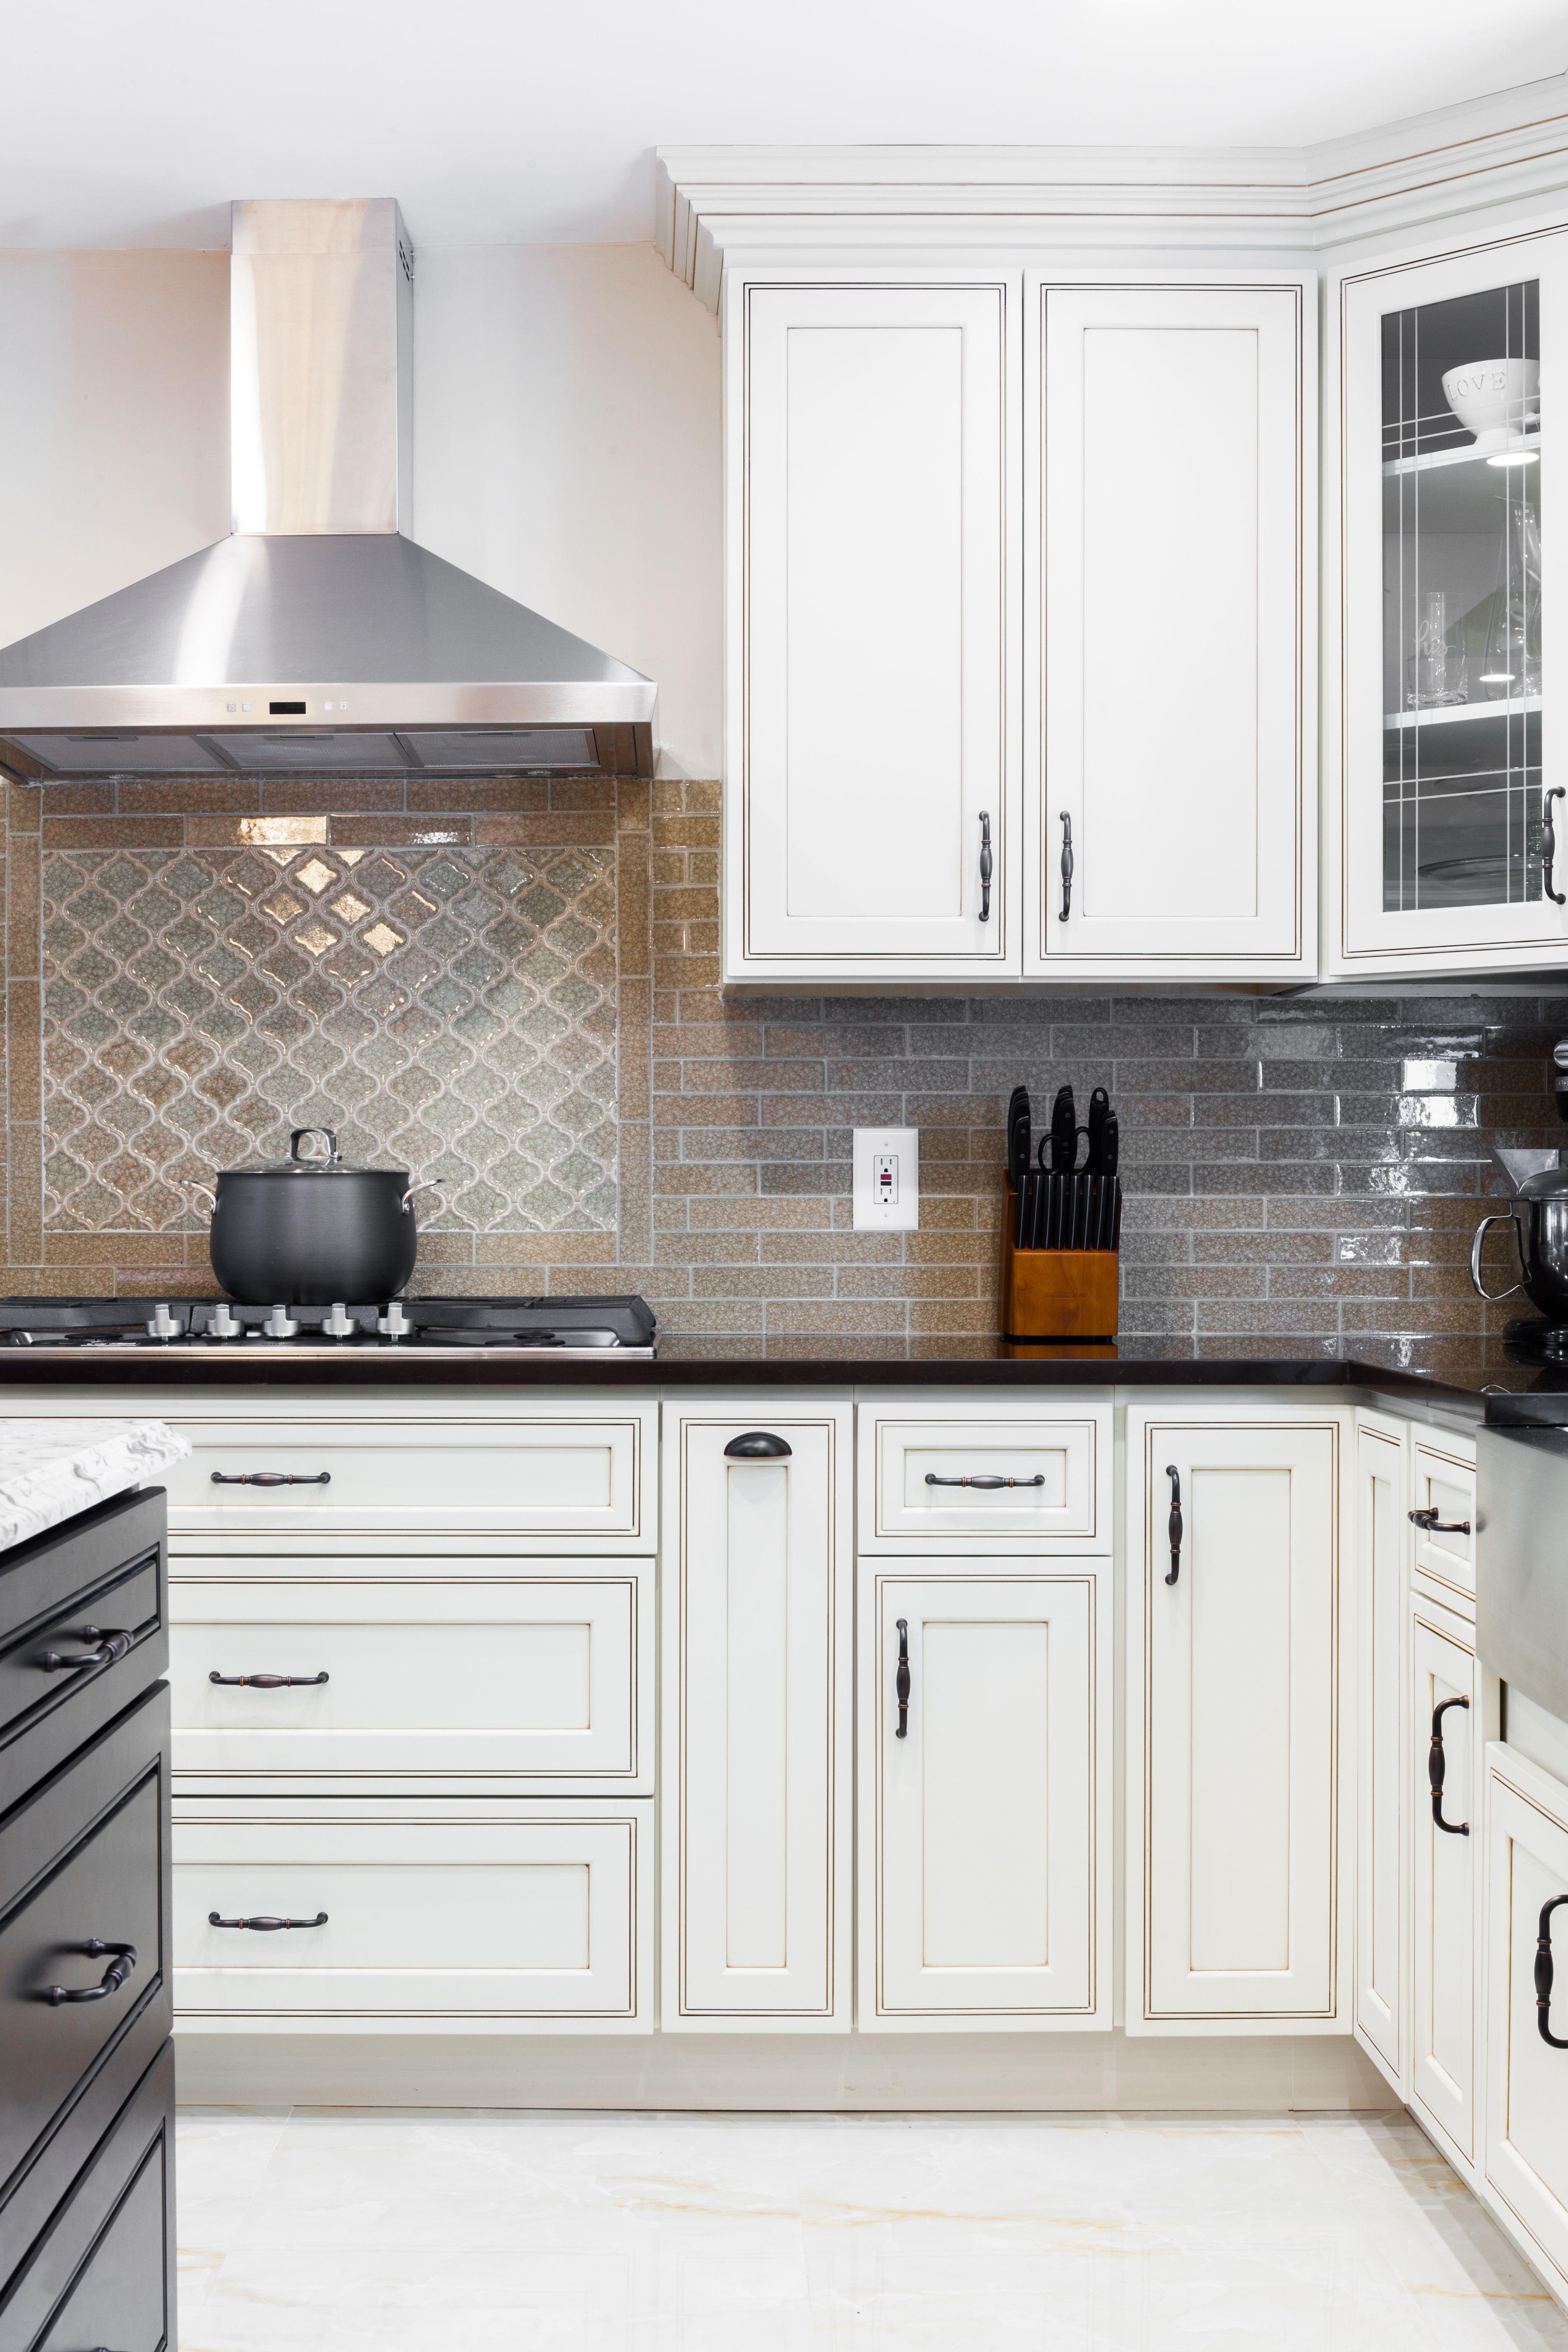 Home Cabinet Westbury H9 Style Pearl Glazed Maple Kitchen Cabinets Interior Design Kitchen Small Maple Kitchen Cabinets New Kitchen Cabinets